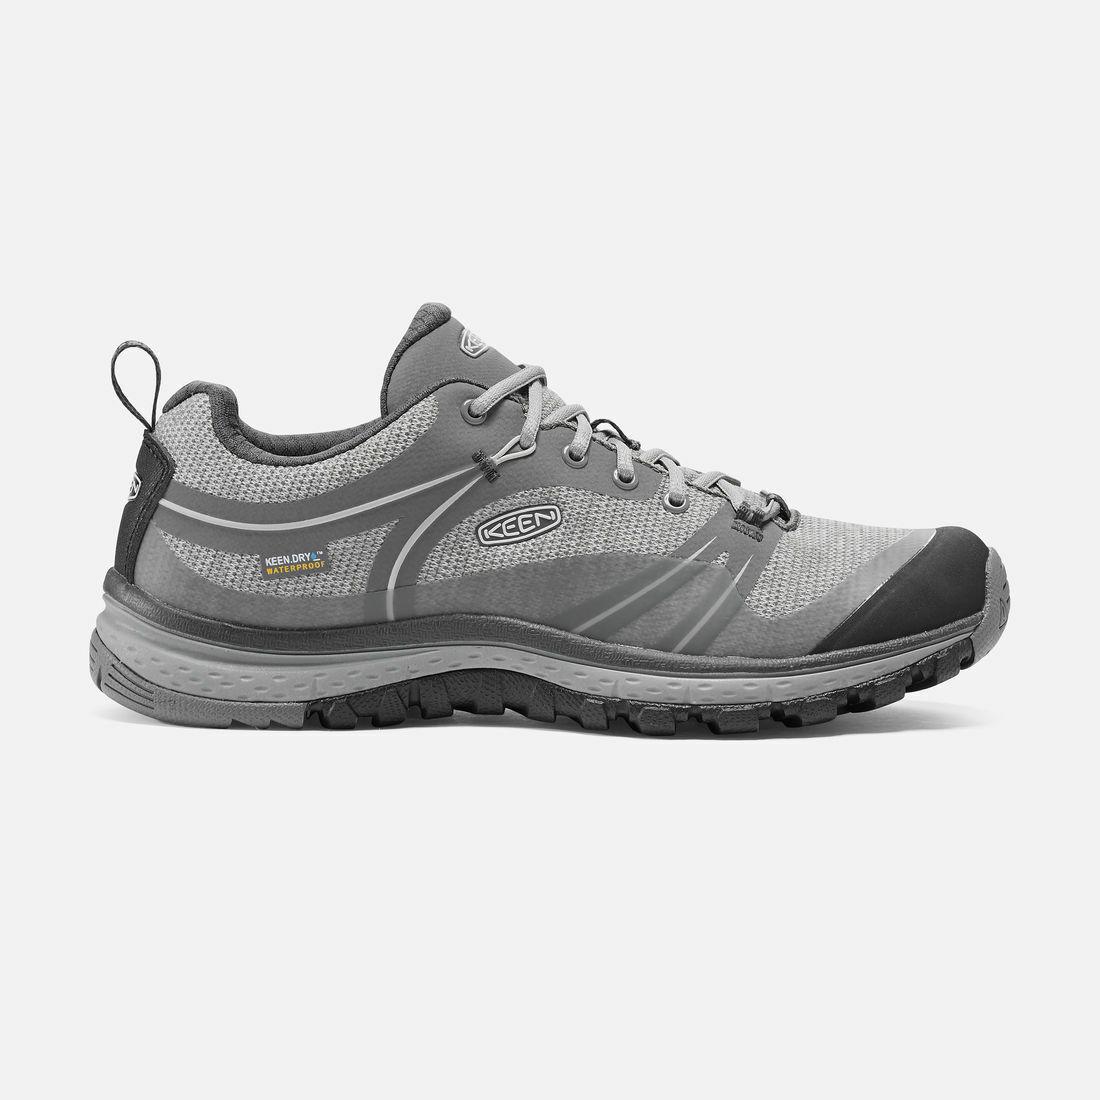 Keen vrouwnen's Terradora WP schoenen